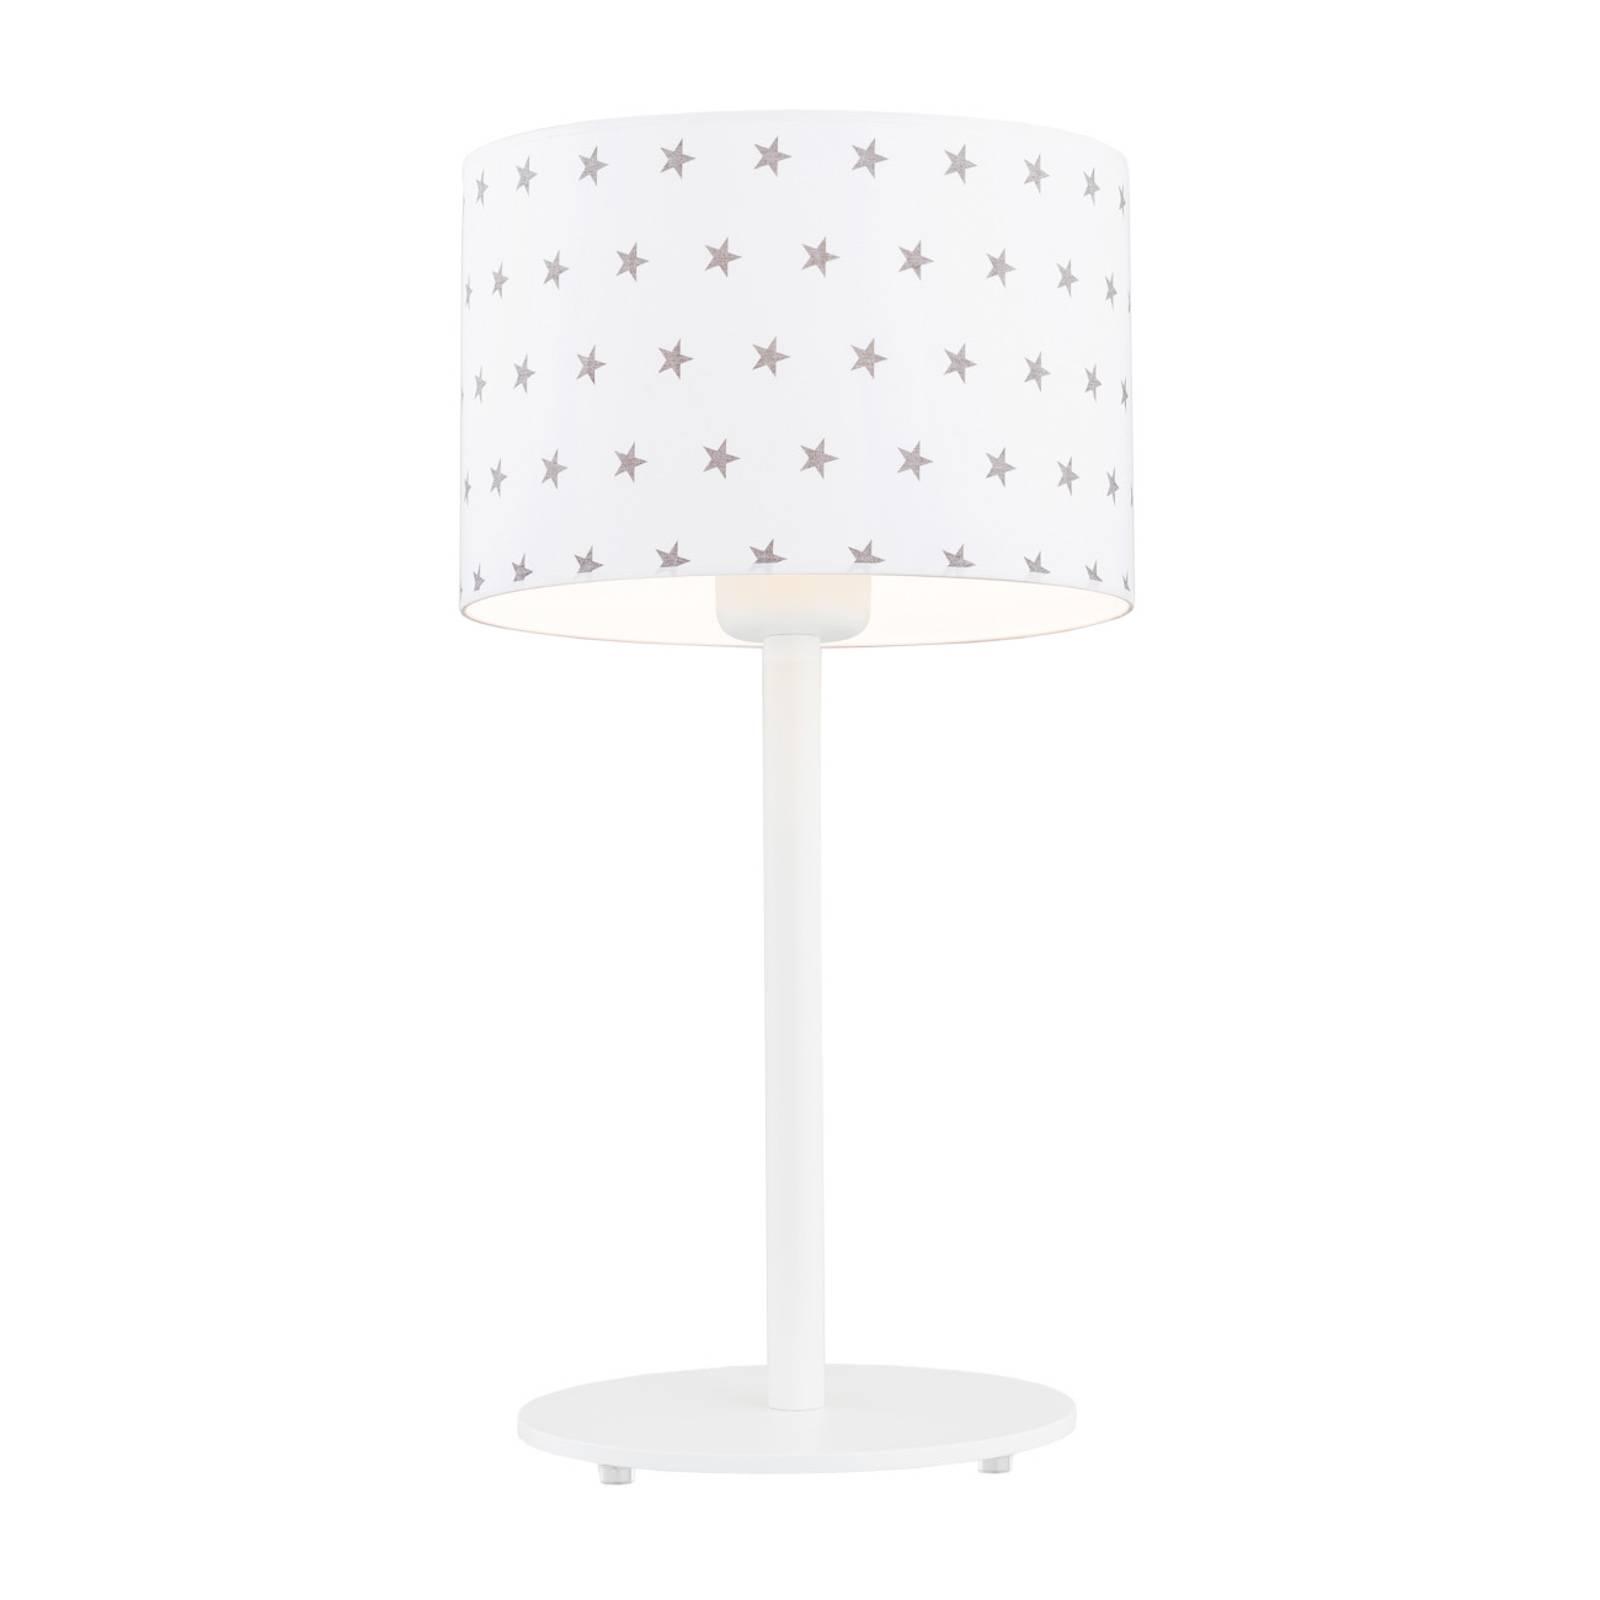 Pöytälamppu Moa, valkoinen/harmaa kangasvarjostin